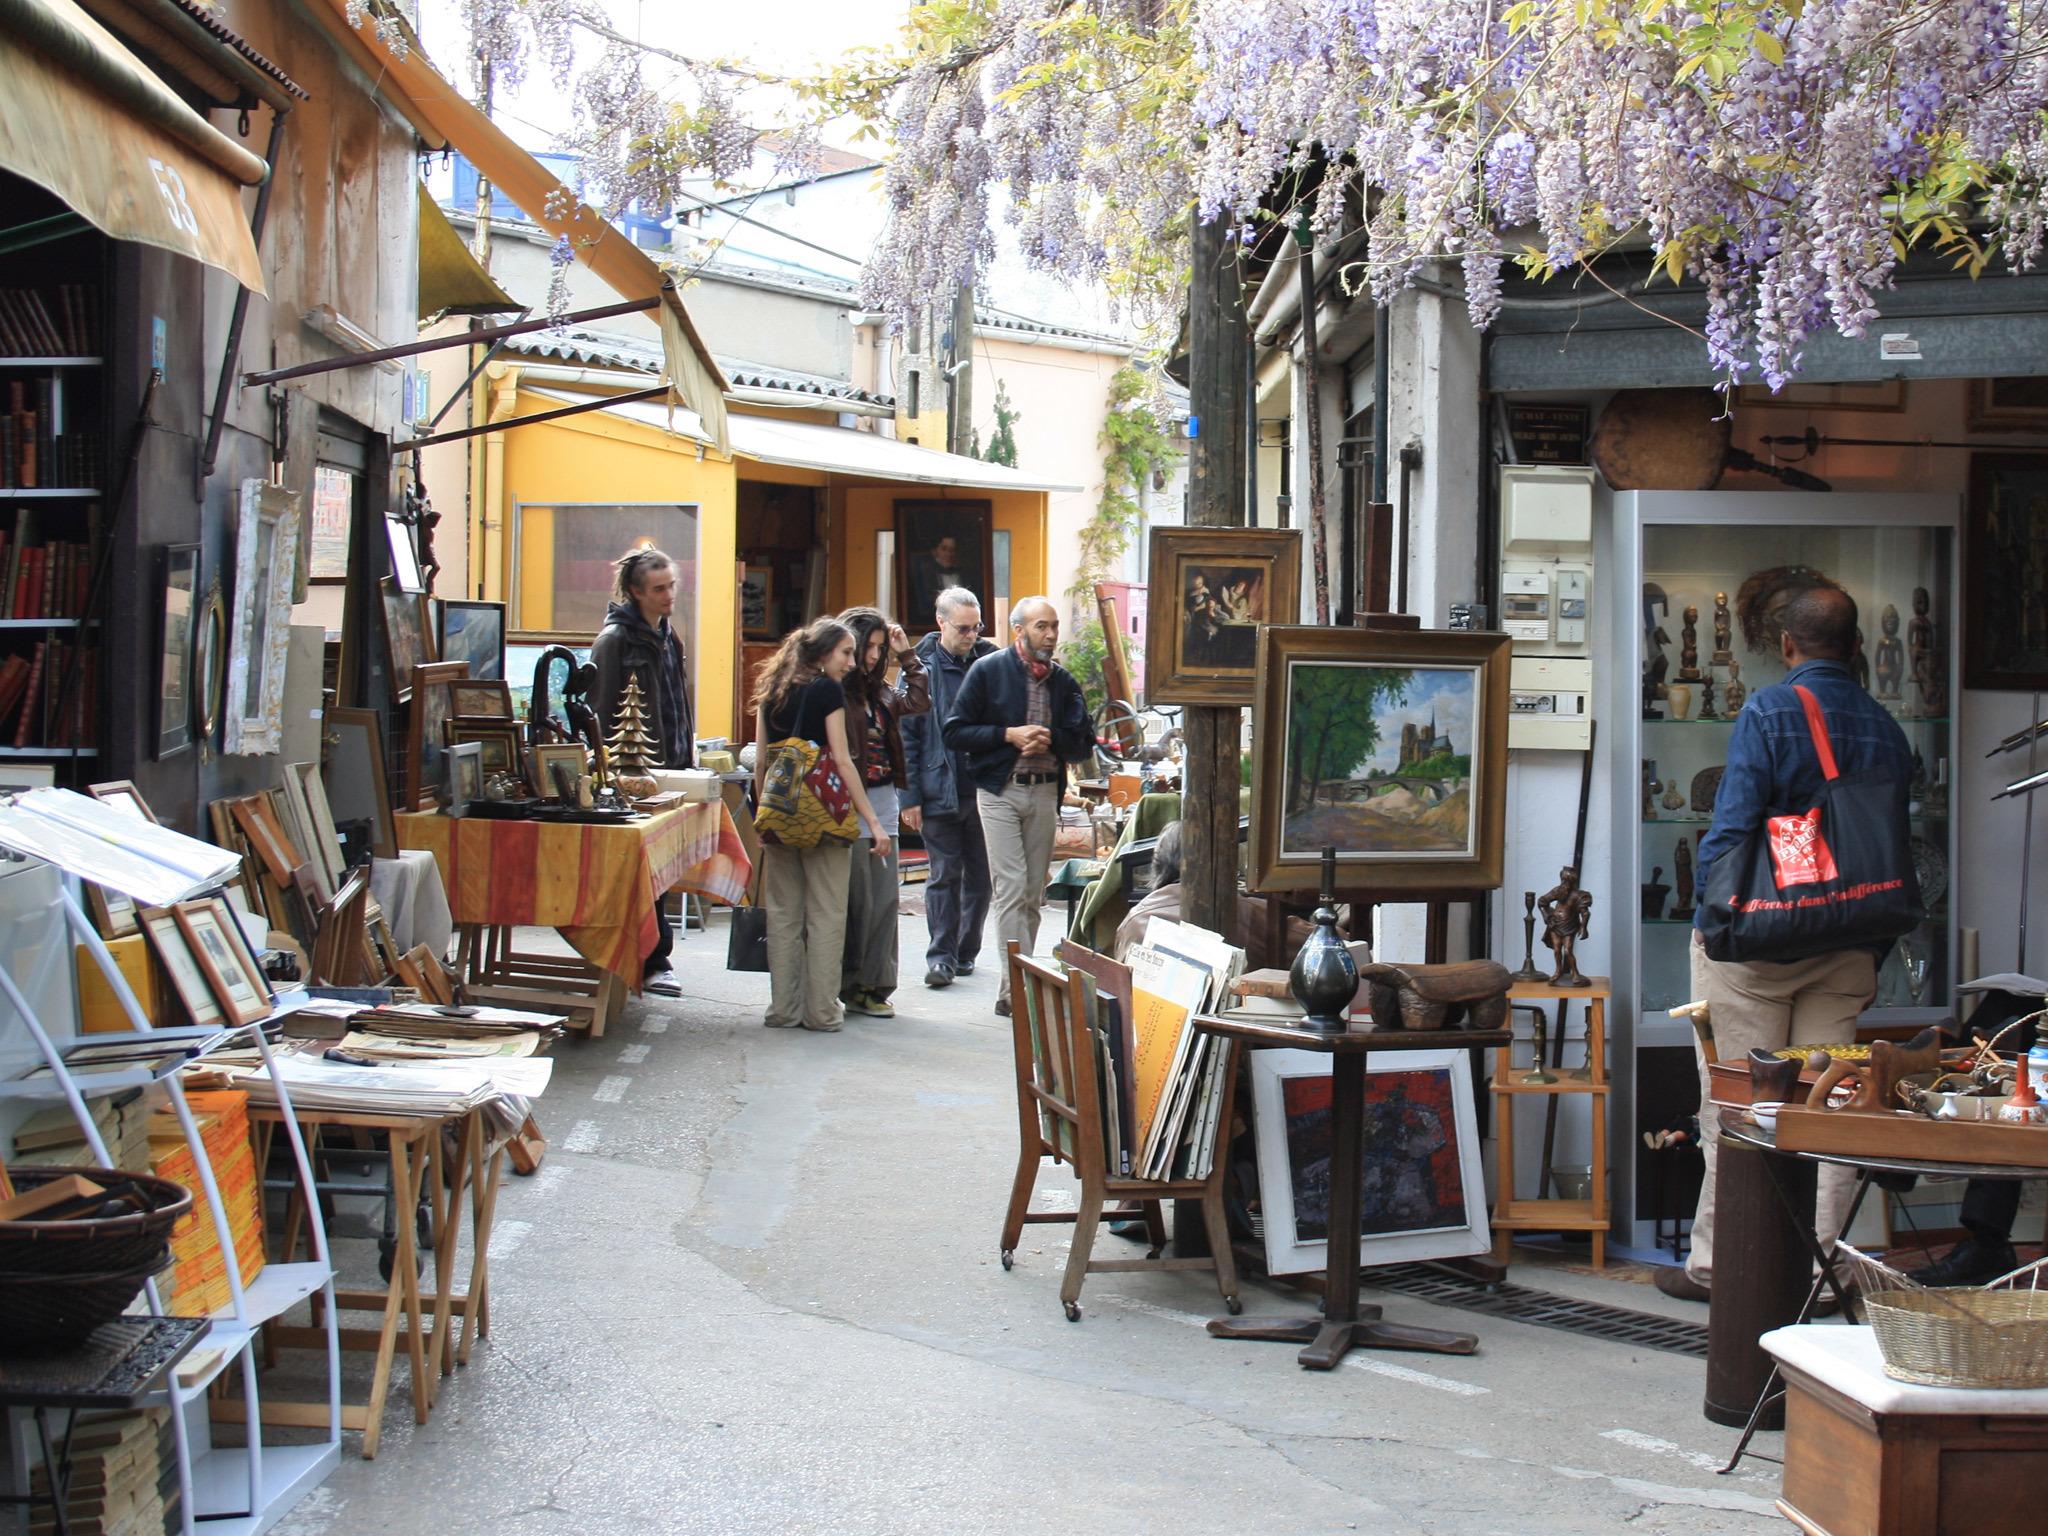 Vendors and shoppers at the Puces de St Ouen flea market